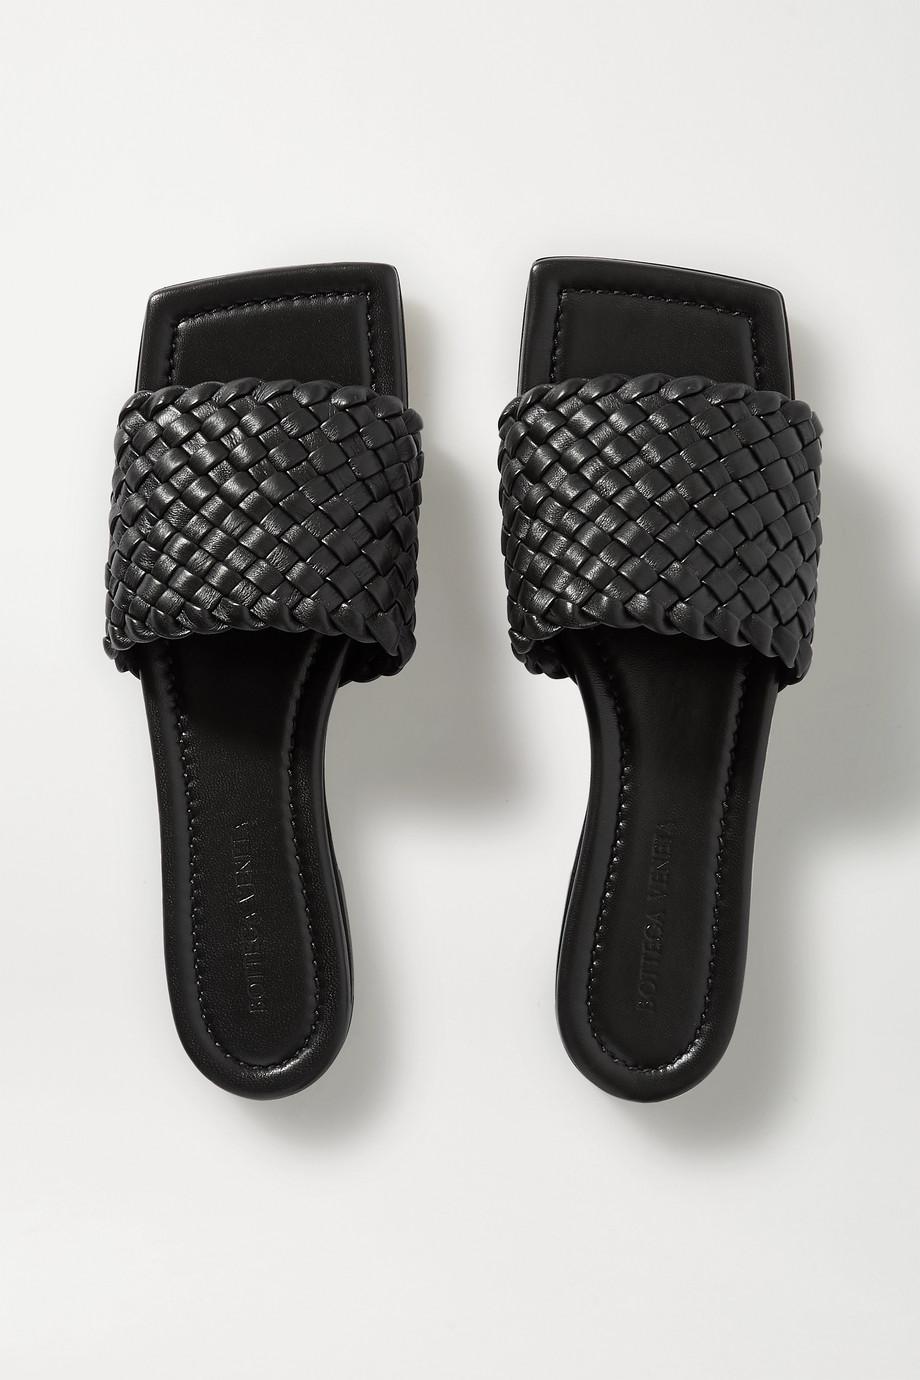 Bottega Veneta Intrecciato 皮革拖鞋